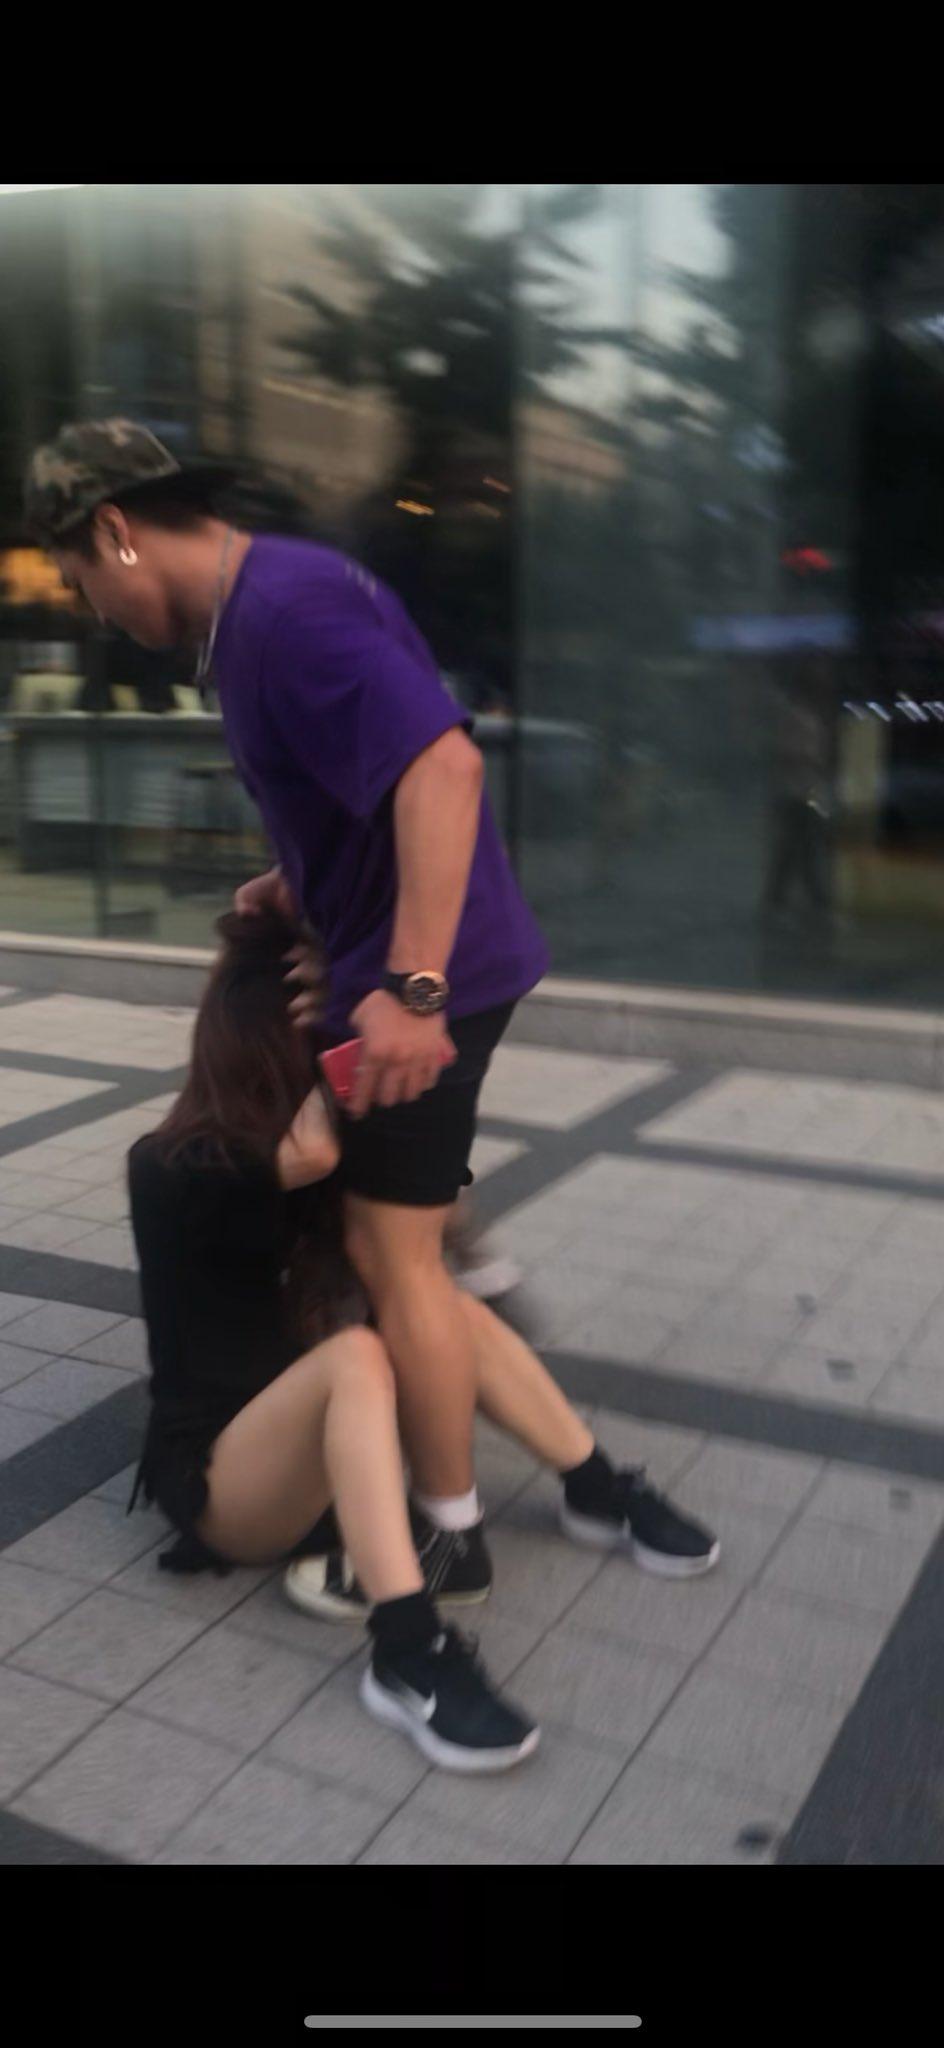 韓国人男性が女性に暴行